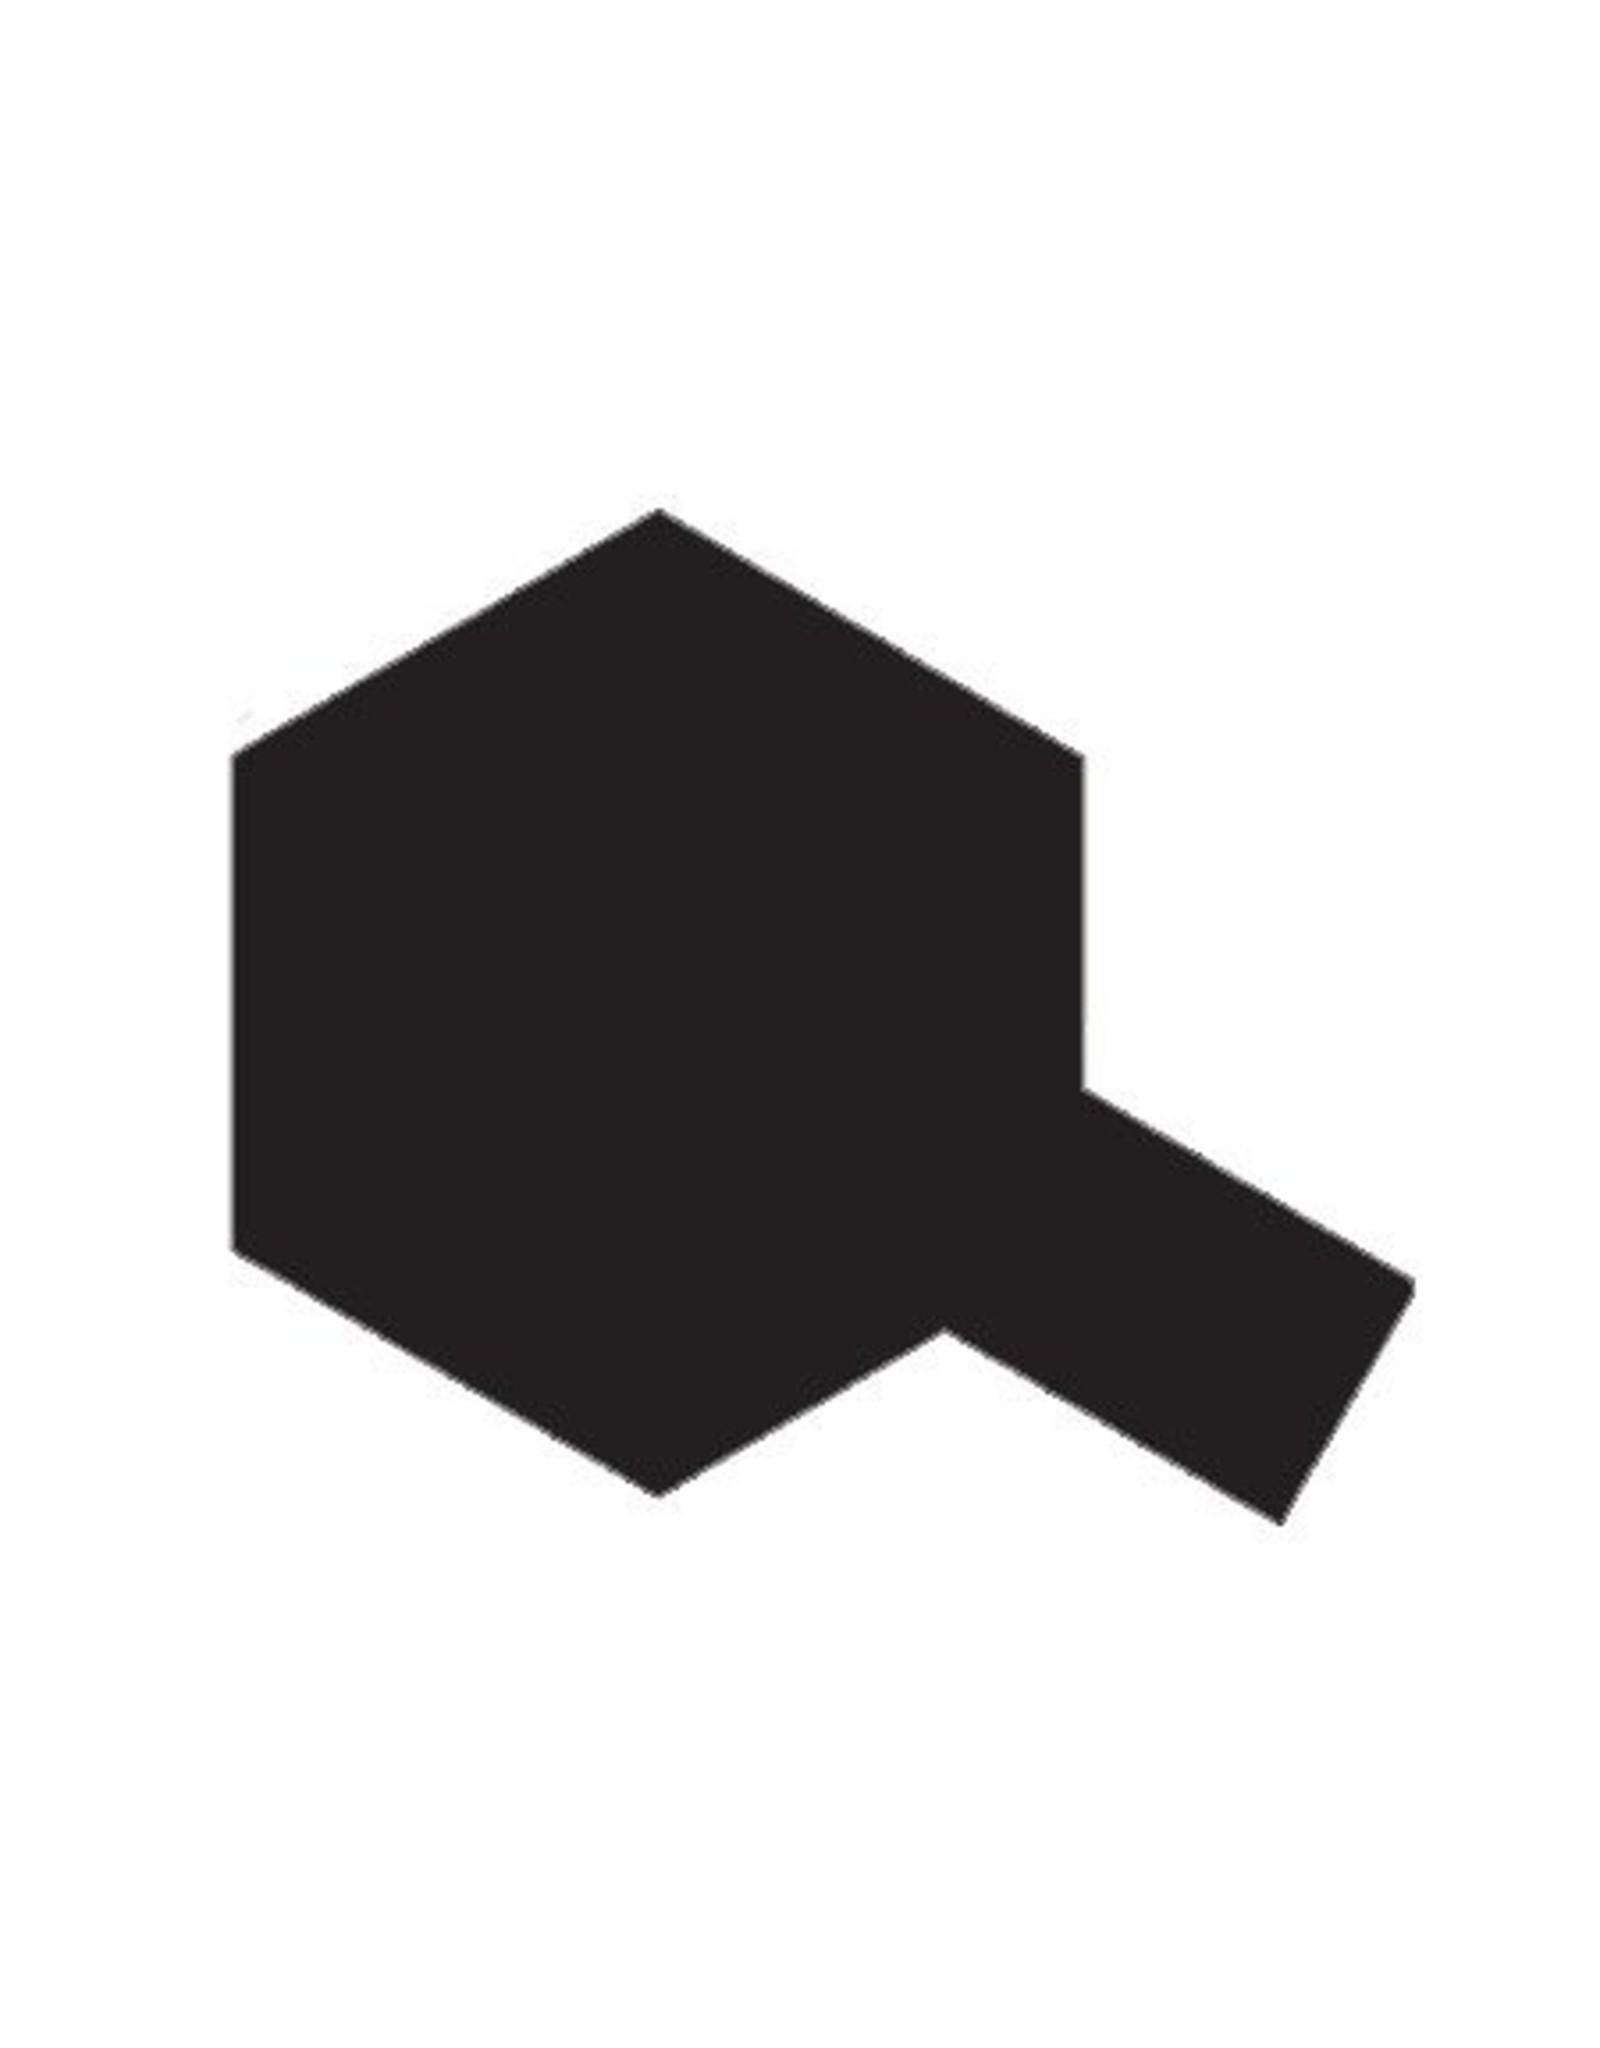 Tamiya Acrylic X-18 Semi Gloss Black